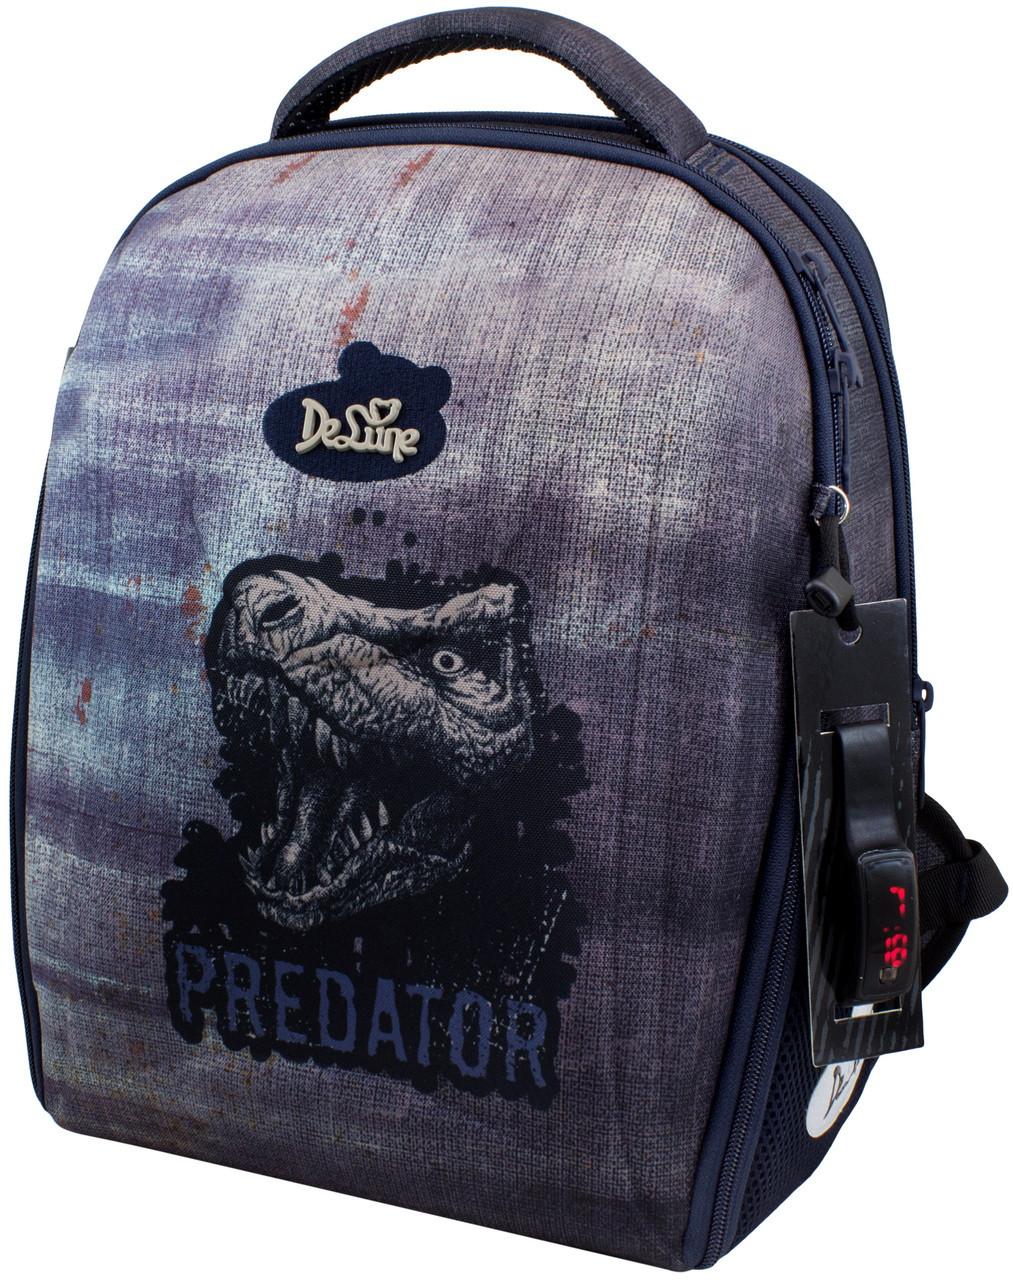 Шкільний рюкзак для хлопчика DeLune (рюкзак+смєнка+брелок) 7-151